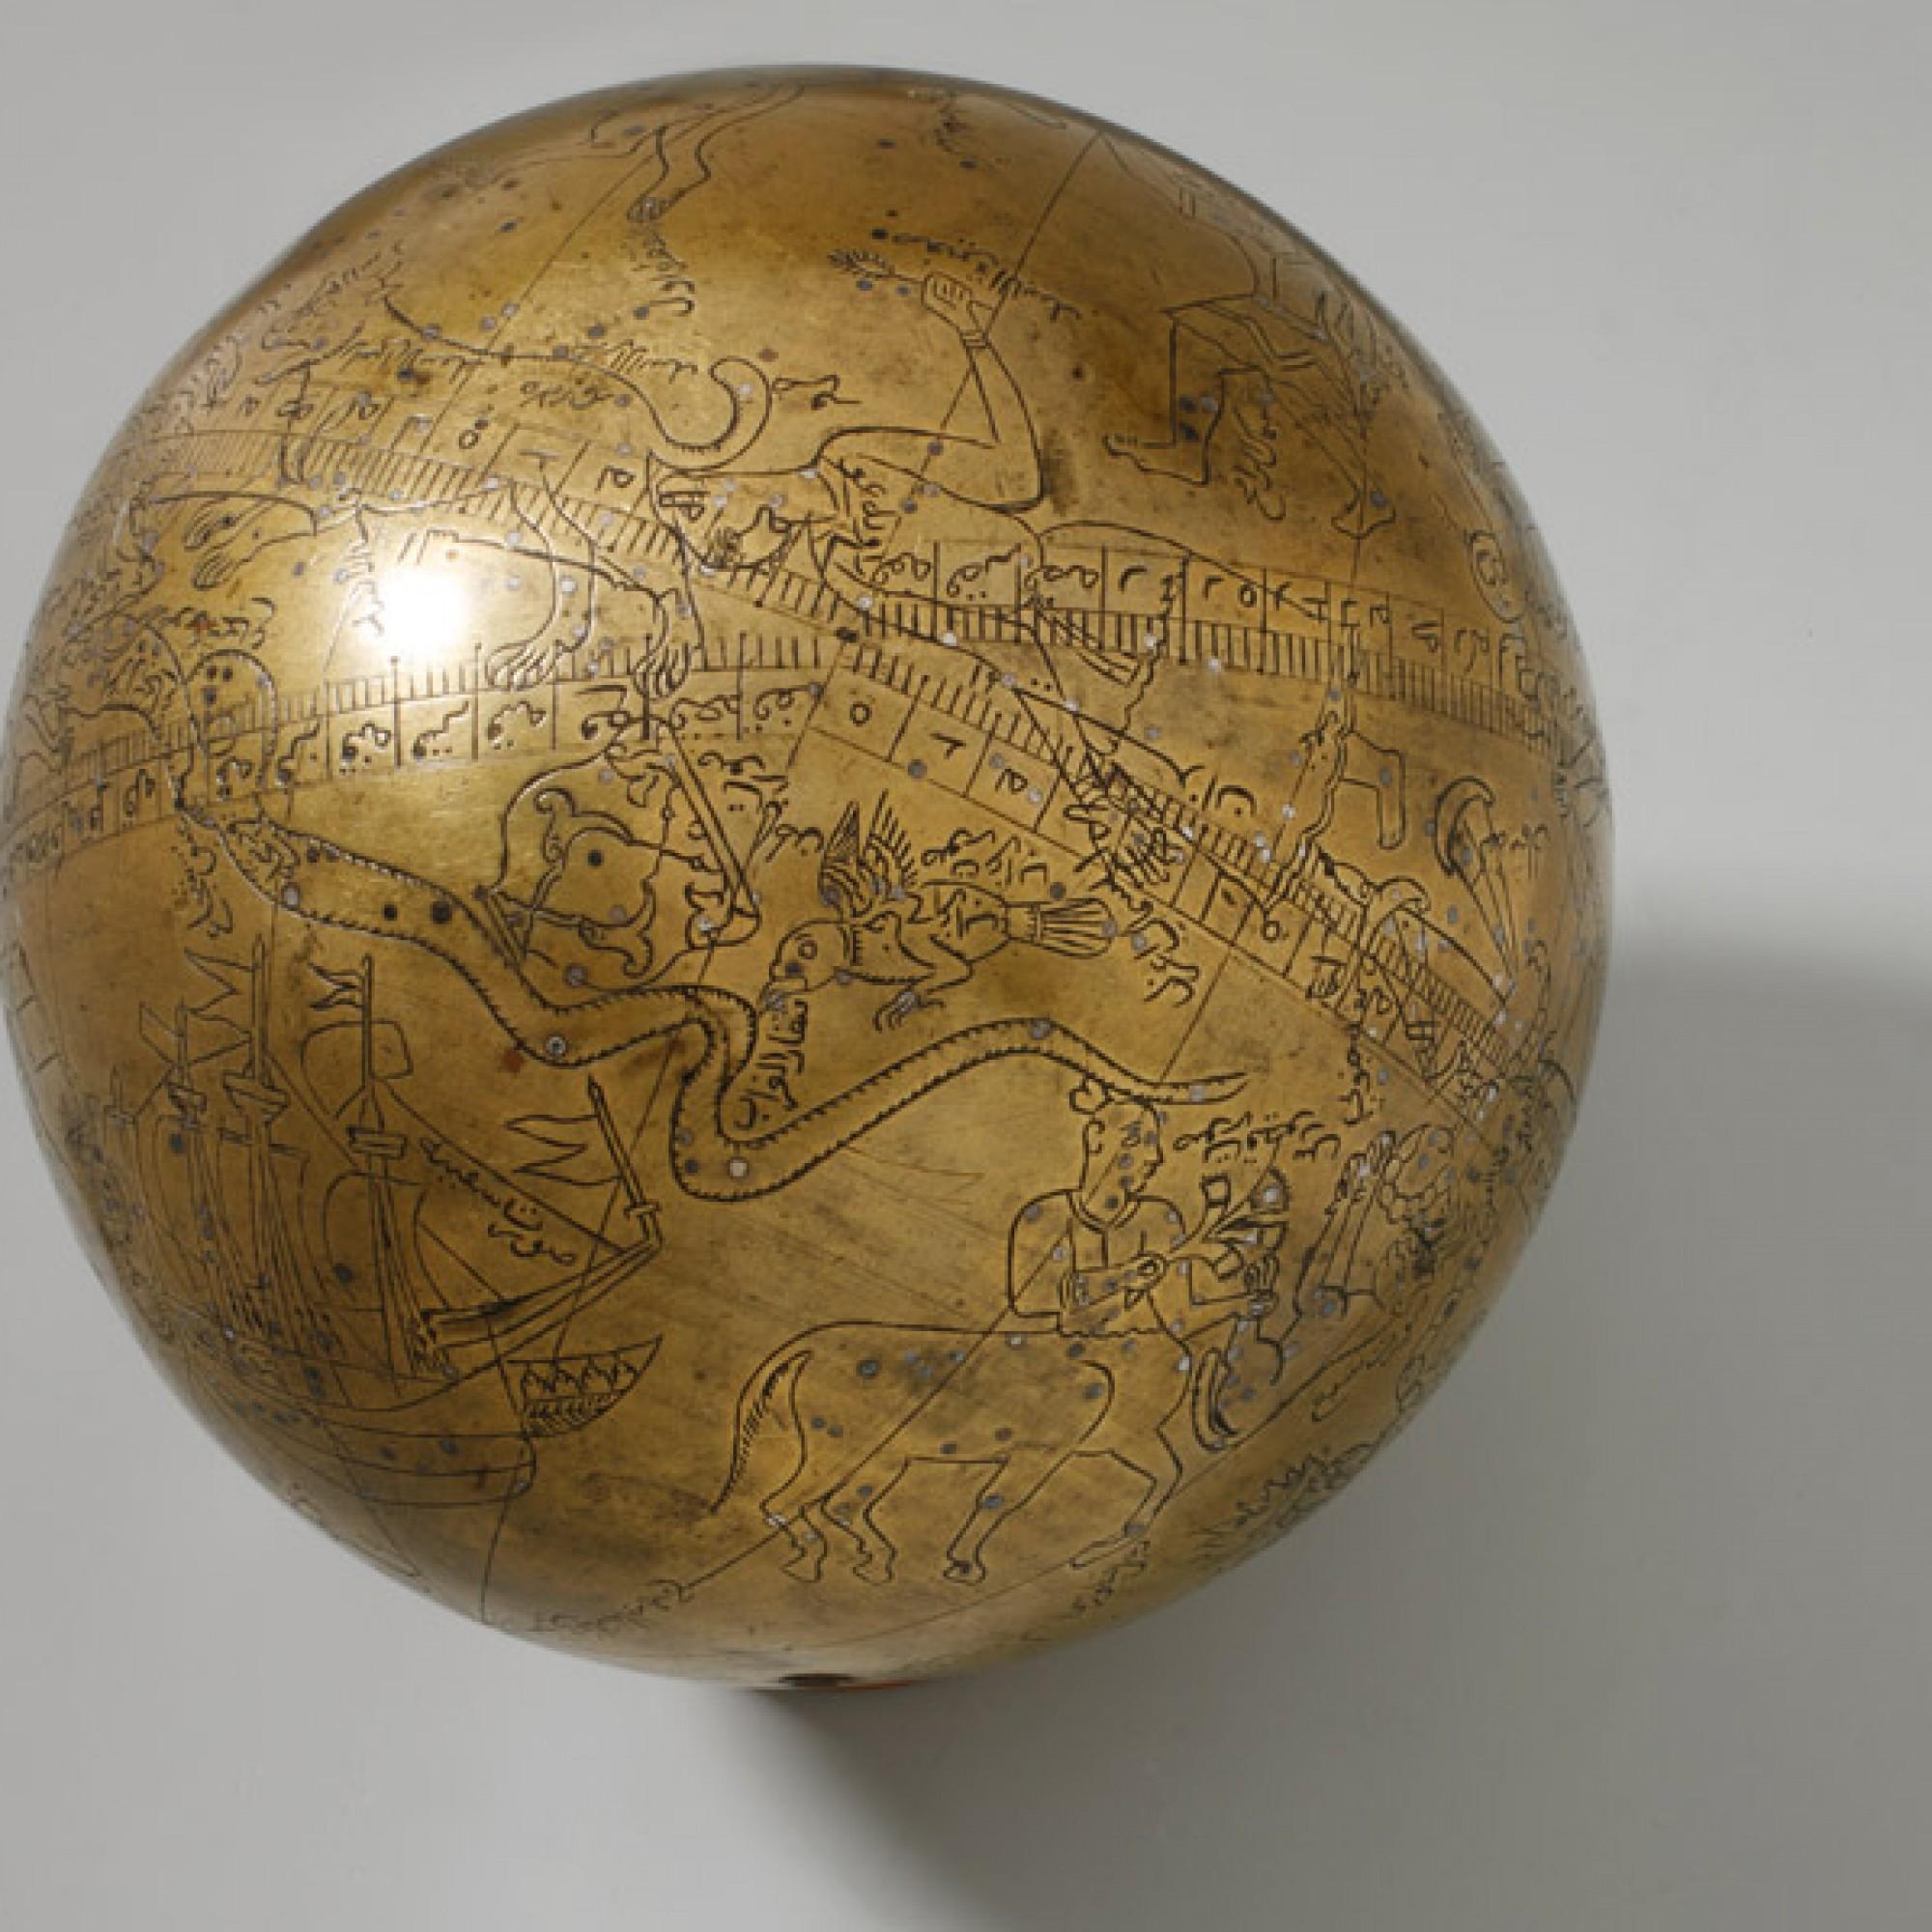 Himmelsglobus Indien, Lahore, Ende 16./Anfang 17. Jh. Kupferlegierung und Silber; Durchmesser 20 Centimeter. (Yvonne Hurni / Museum Rietberg)